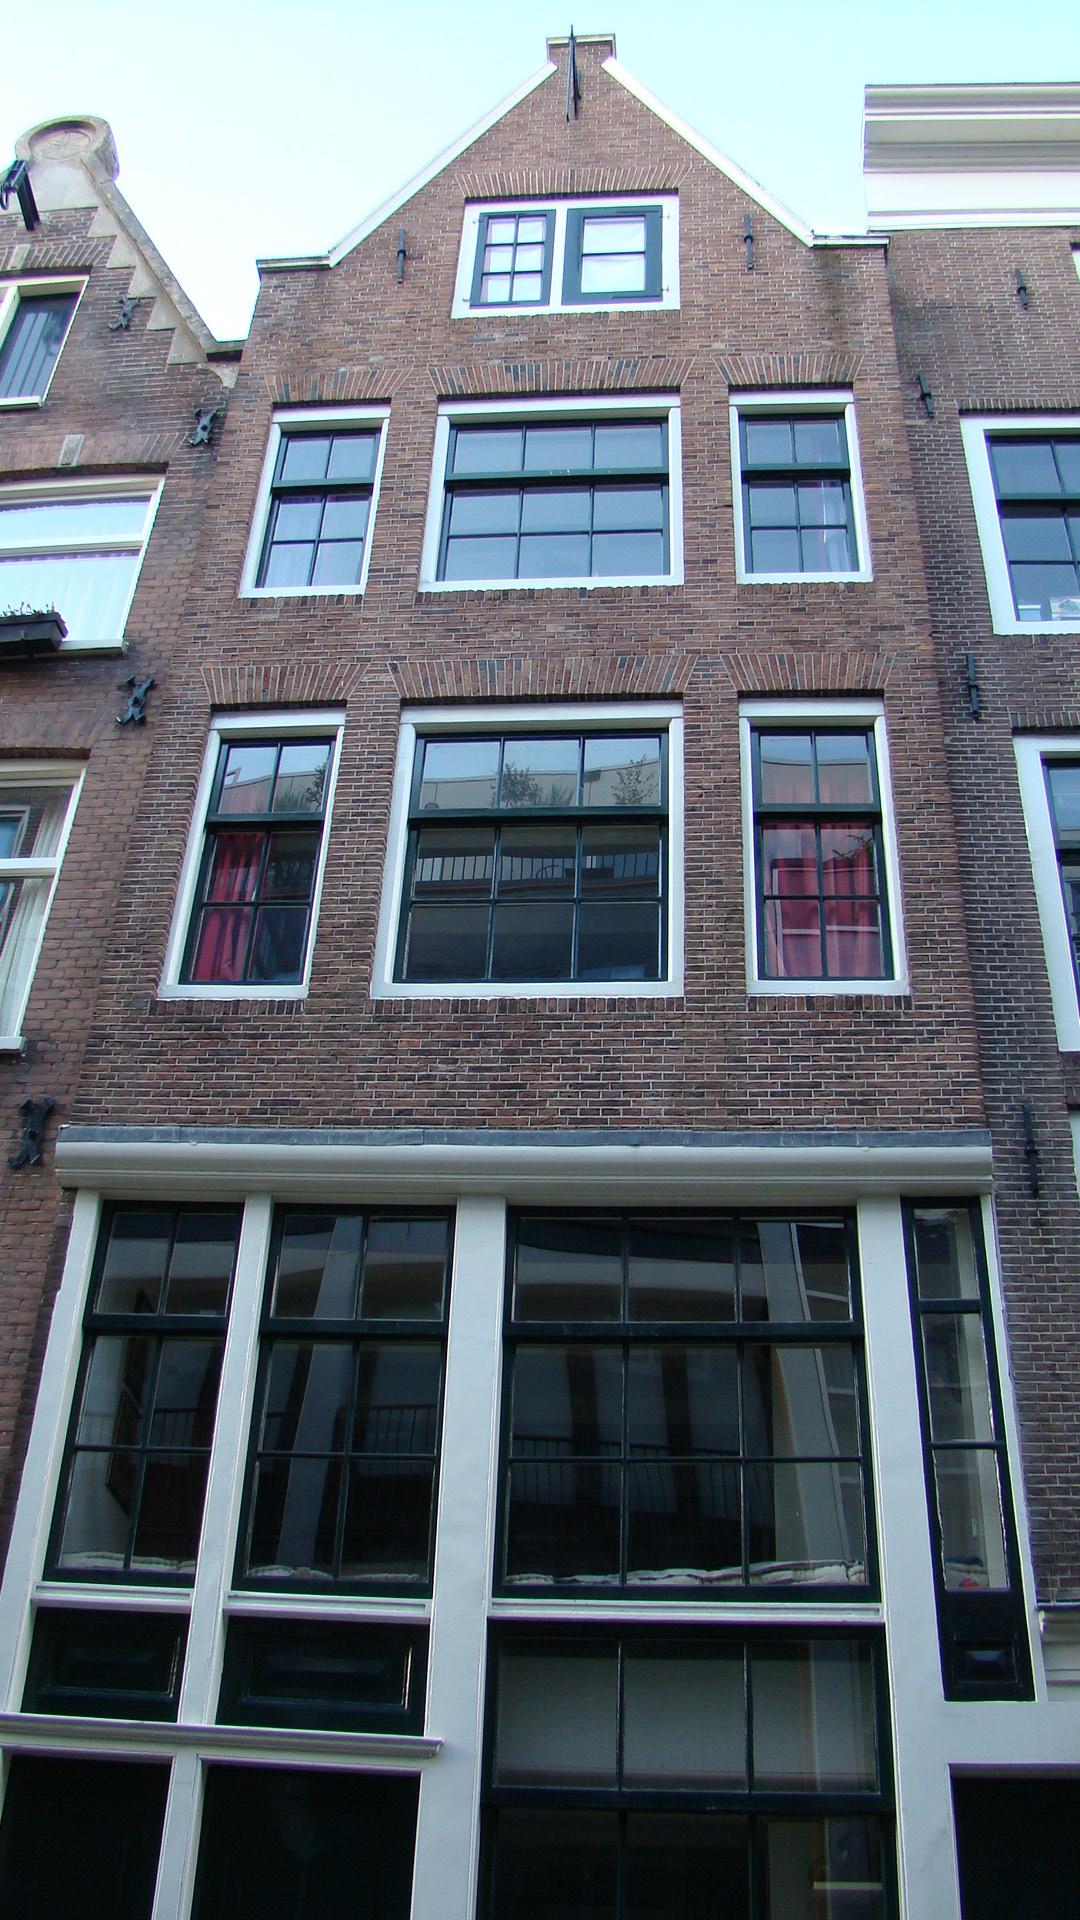 Huis met gevel op karakteristieke hoge houten pui en latere punttop in amsterdam monument - Huis gevel ...